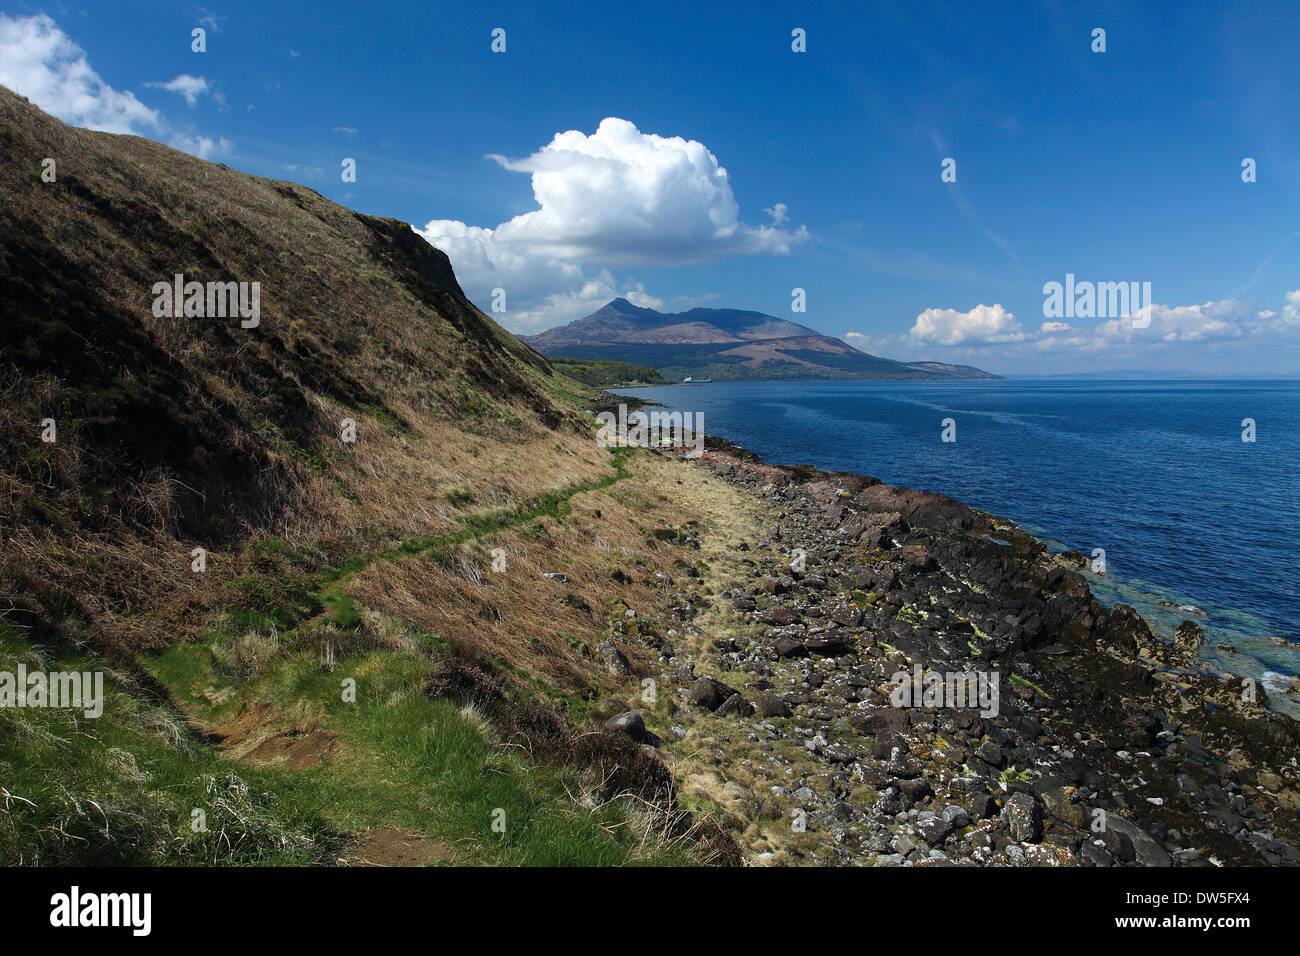 Capra cadde e Brodick Bay dal punto di Clauchlands sull'Arran sentiero costiero, Isle of Arran, Ayrshire Foto Stock